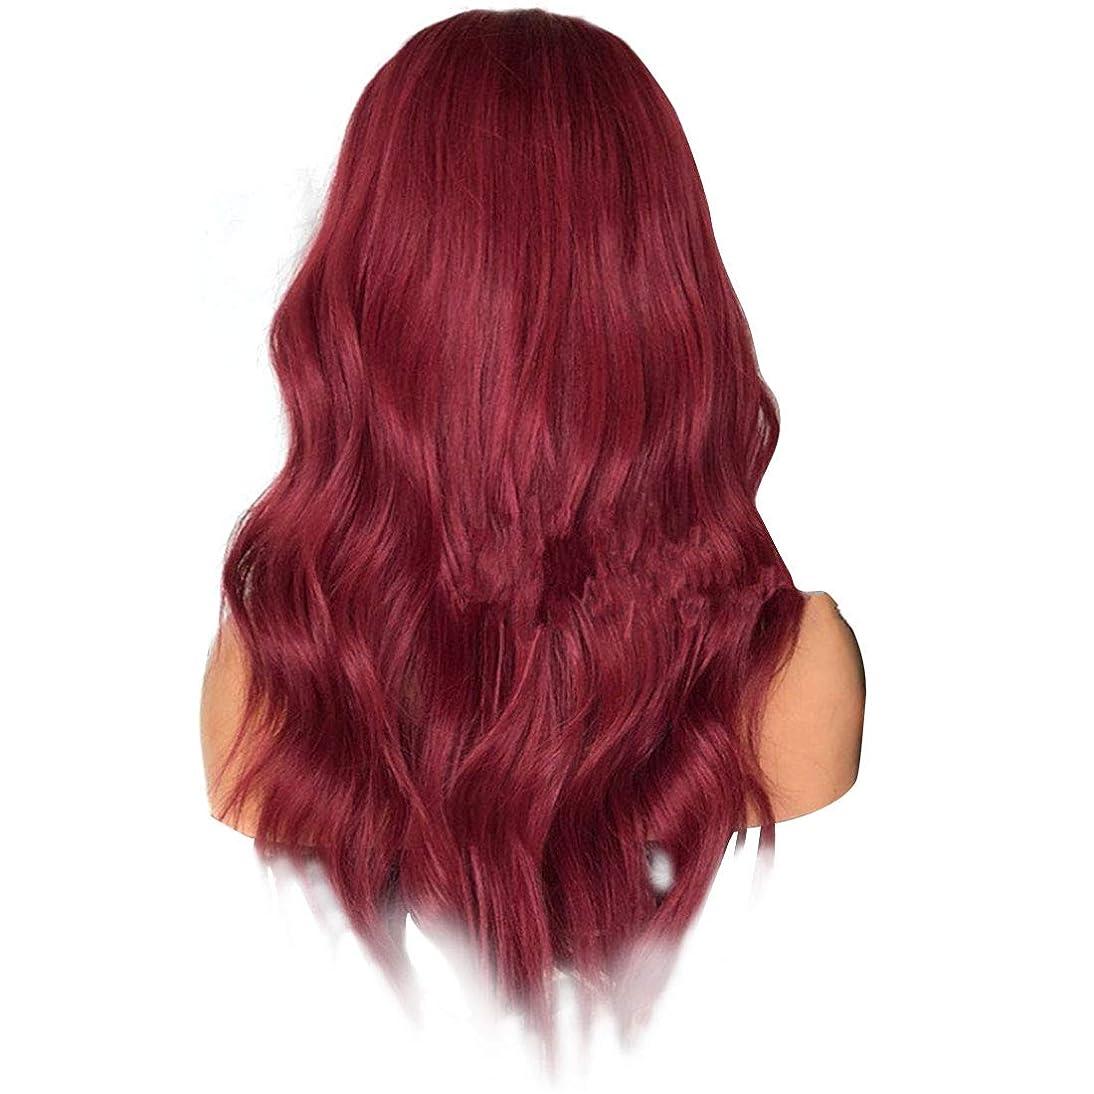 シンボル腐敗ヘビJIANFU 女性 ふわふわ 現実的な かつら 複数の色 大きな波 長いウィッグ 耐熱 ウィッグ 長さ65cm (Color : Wine red)